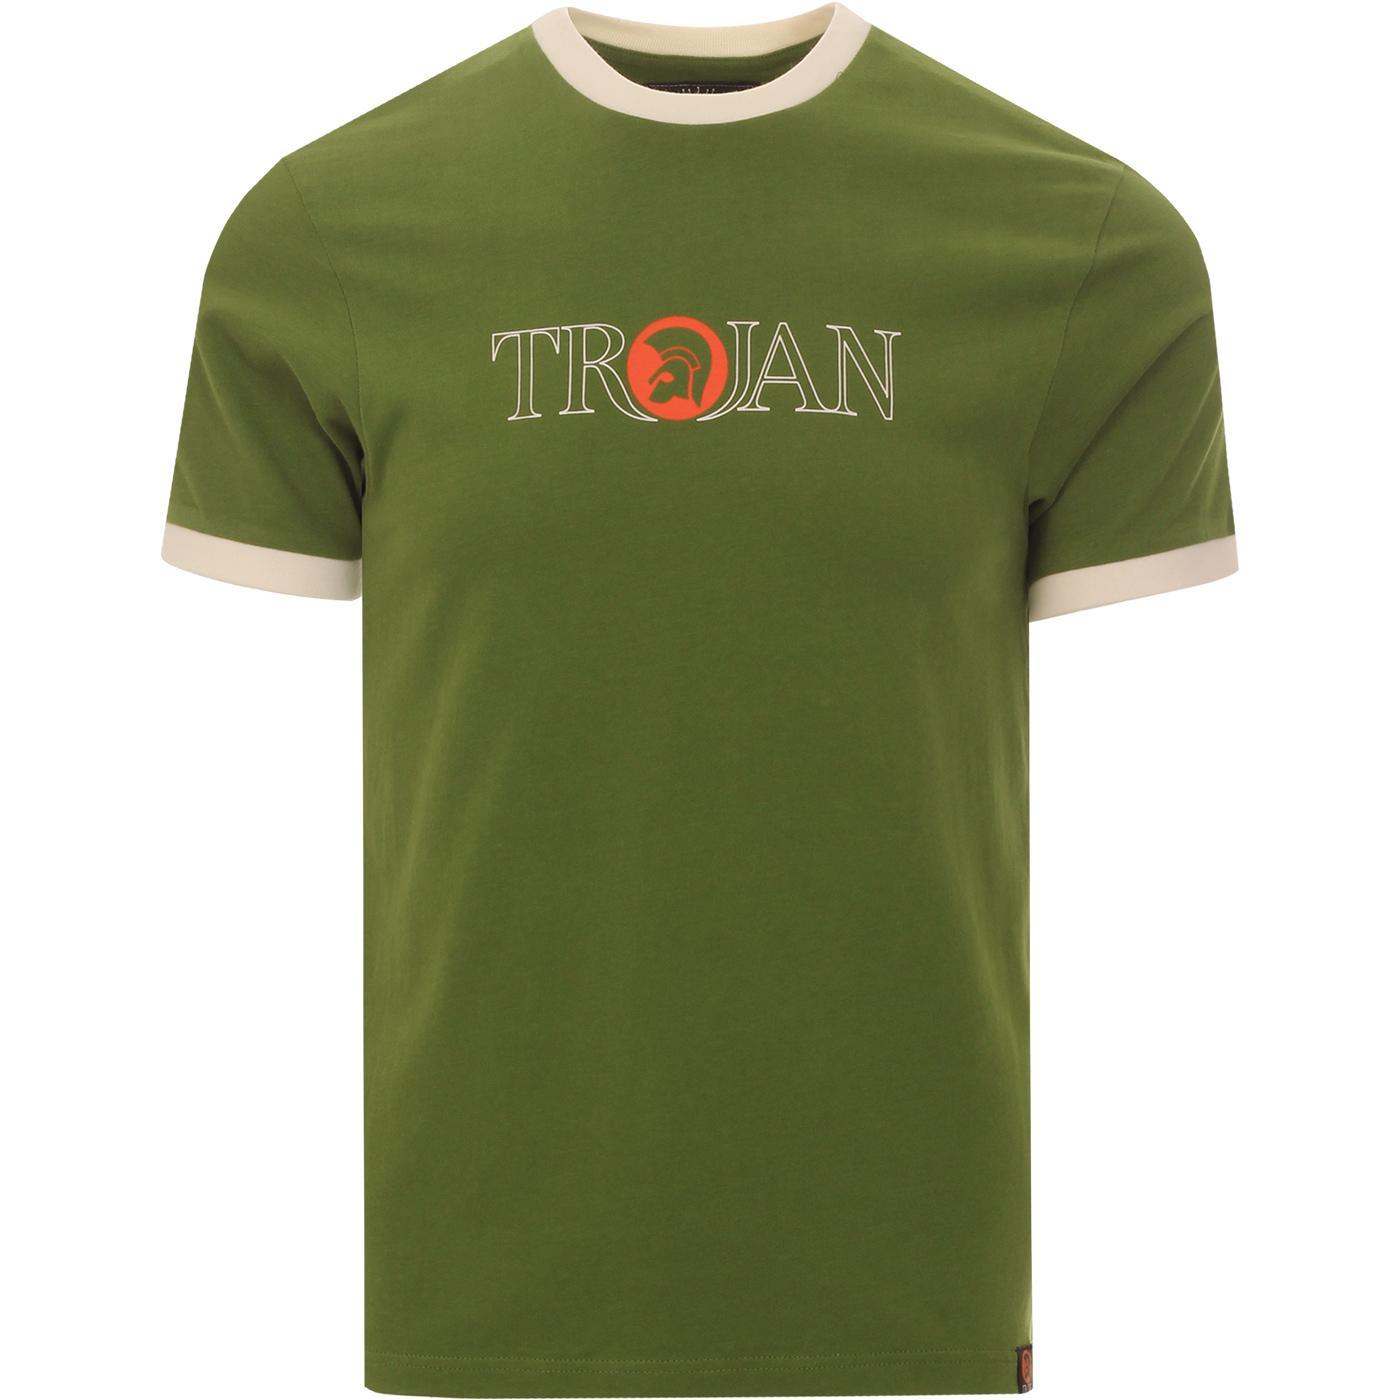 TROJAN RECORDS Outline Logo Ringer Tee (Green)